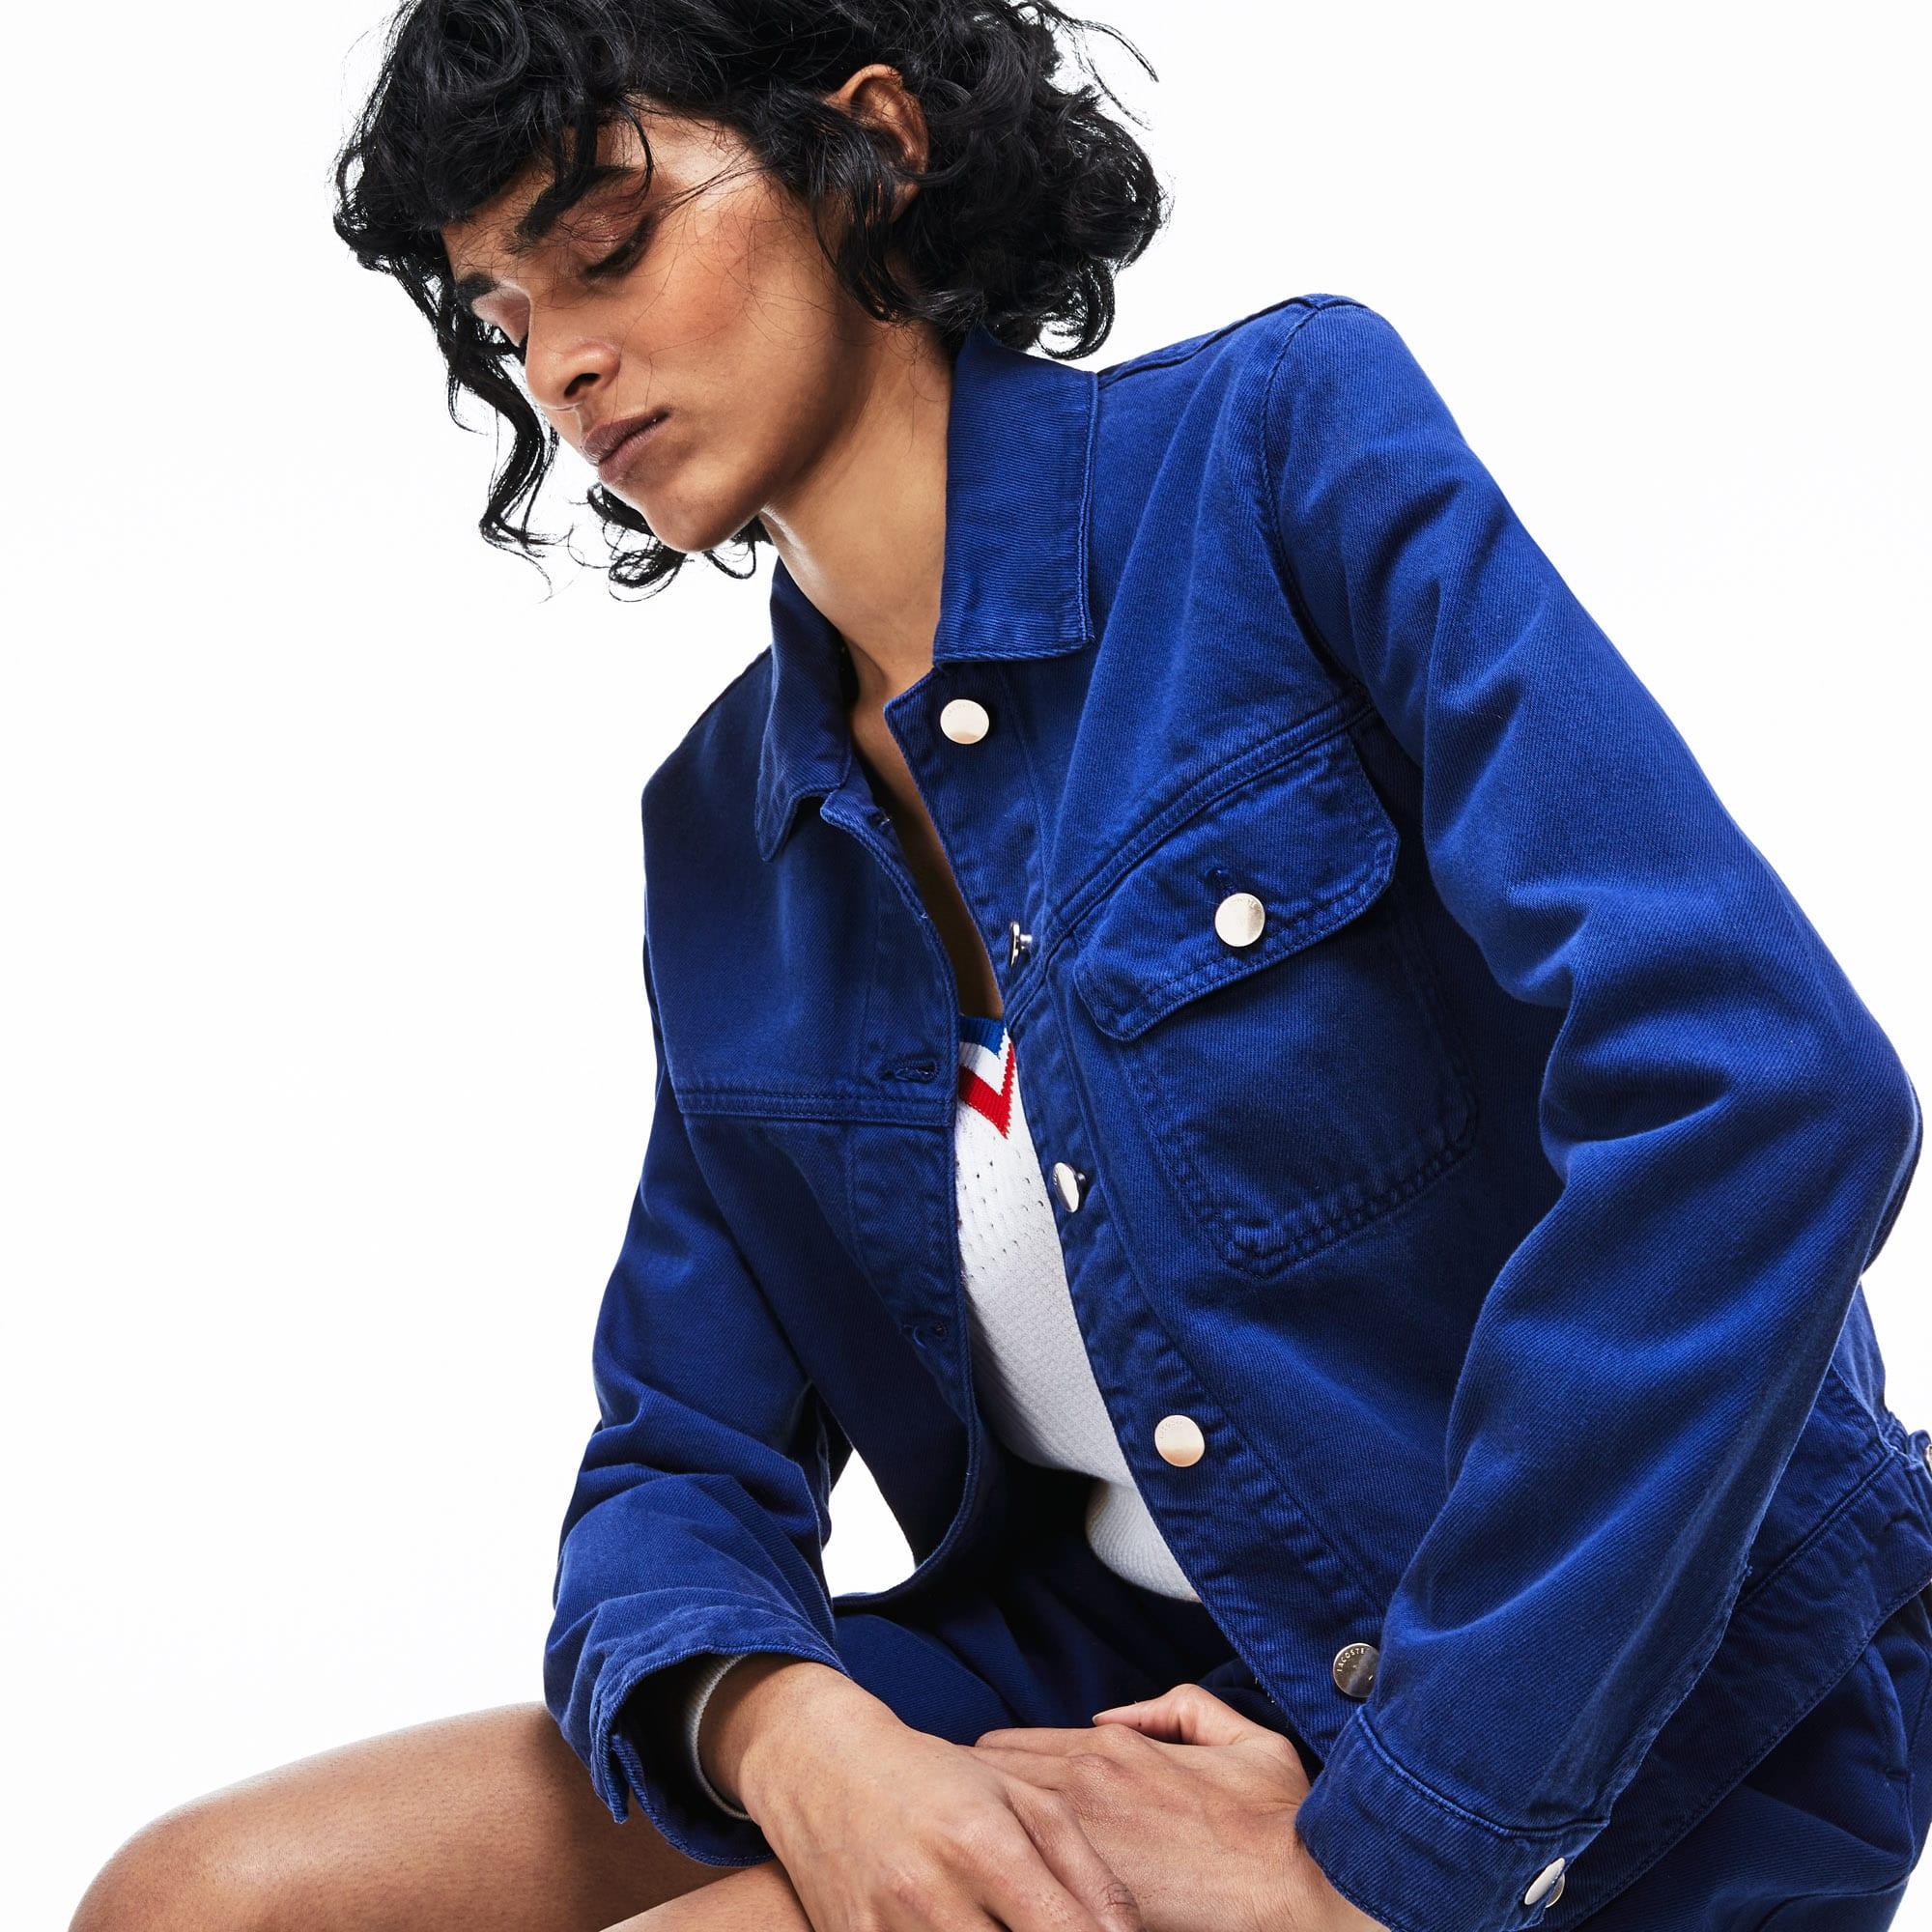 04984507b8 Manteaux & Blousons | Vêtements Femme | LACOSTE